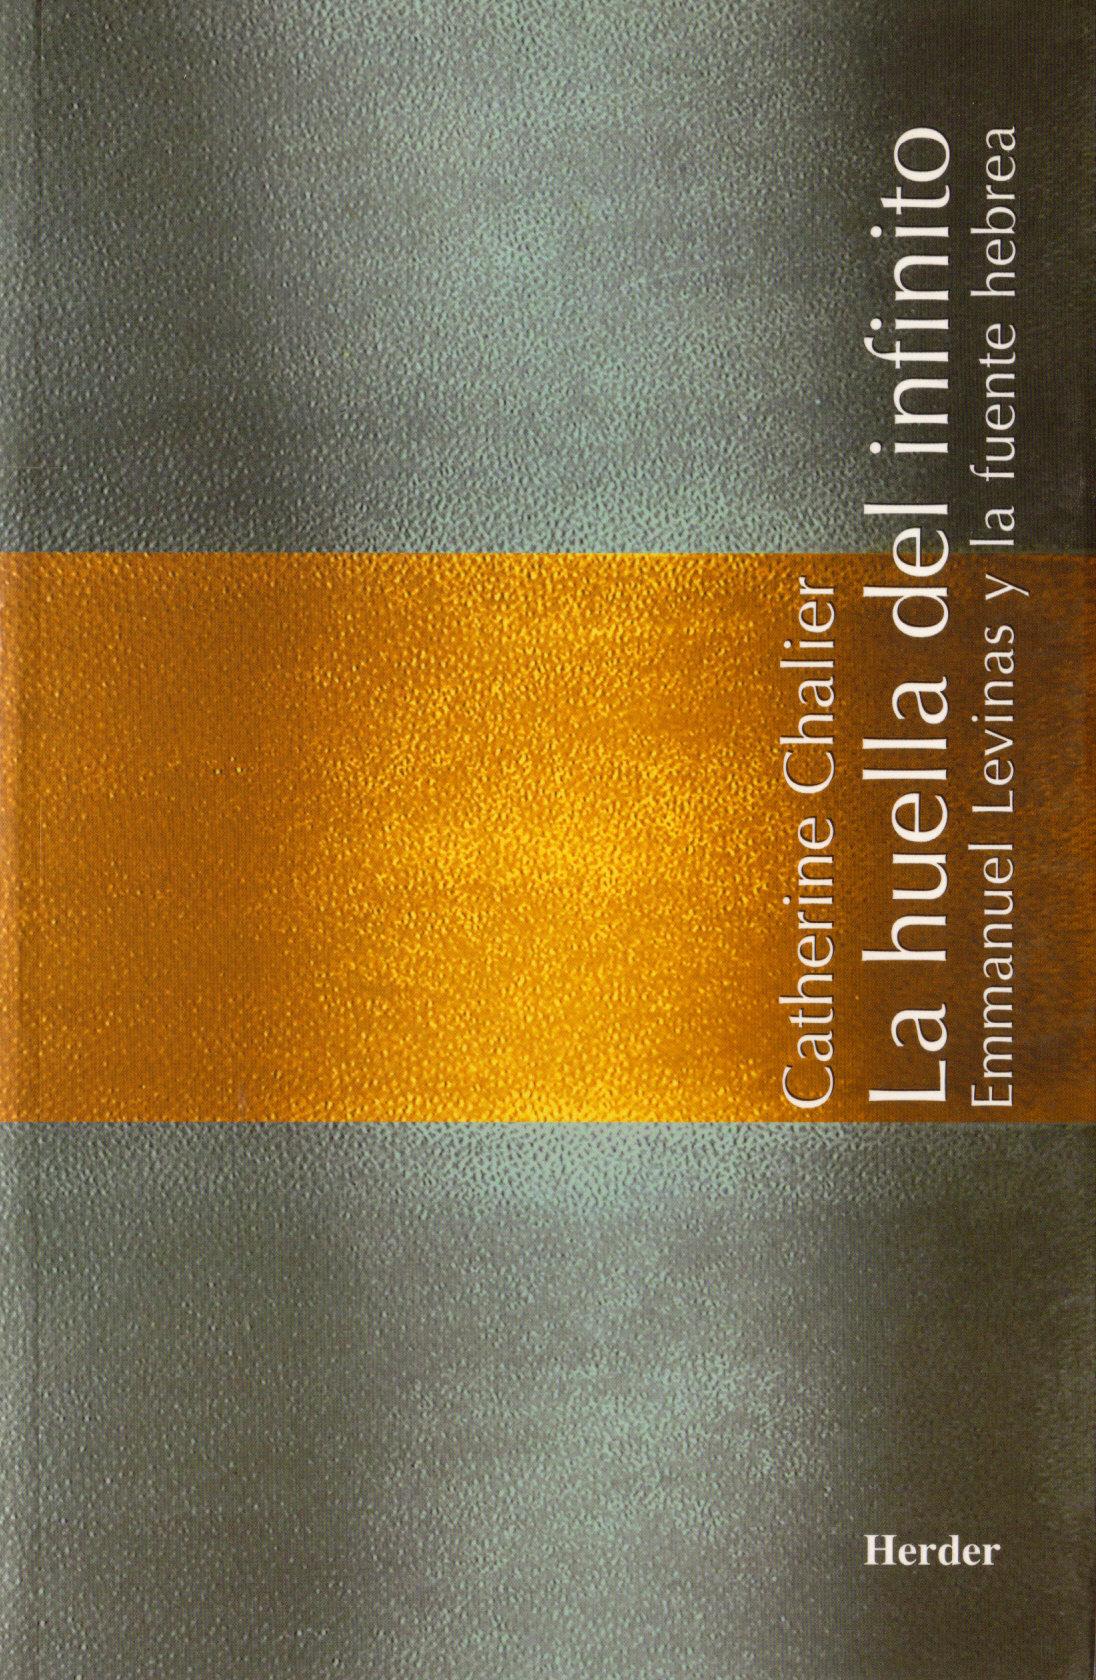 descargar LA HUELLA DEL INFINITO: EMMANUEL LEVINAS Y LA FUENTE HEBREA pdf, ebook